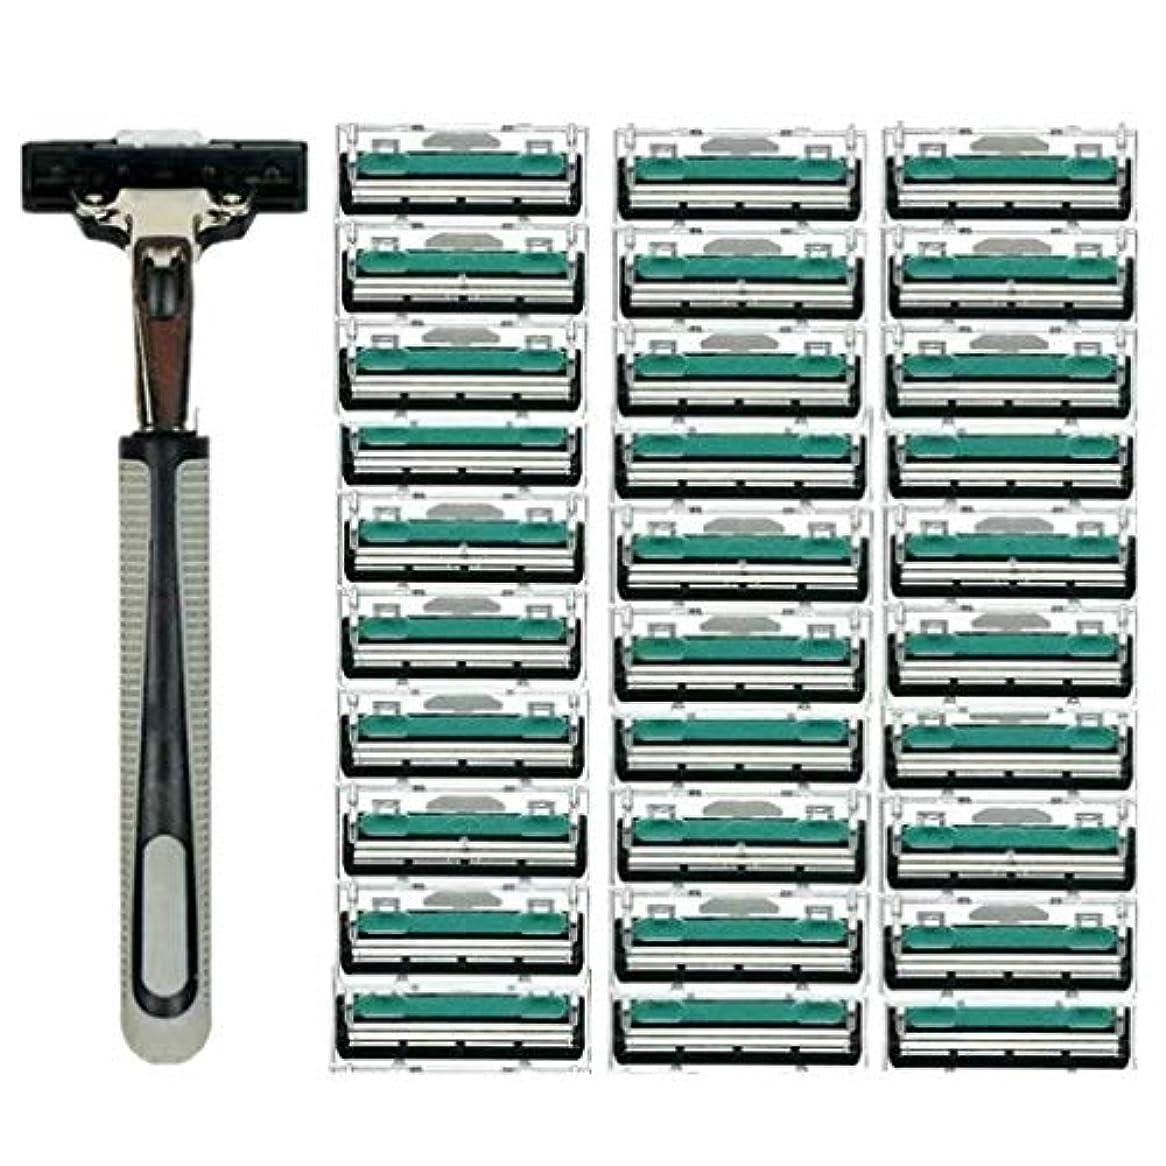 規制するレンダリング意味するTopFires 髭剃り 男性カミソリ 替刃30個付 安全性 大容量 …